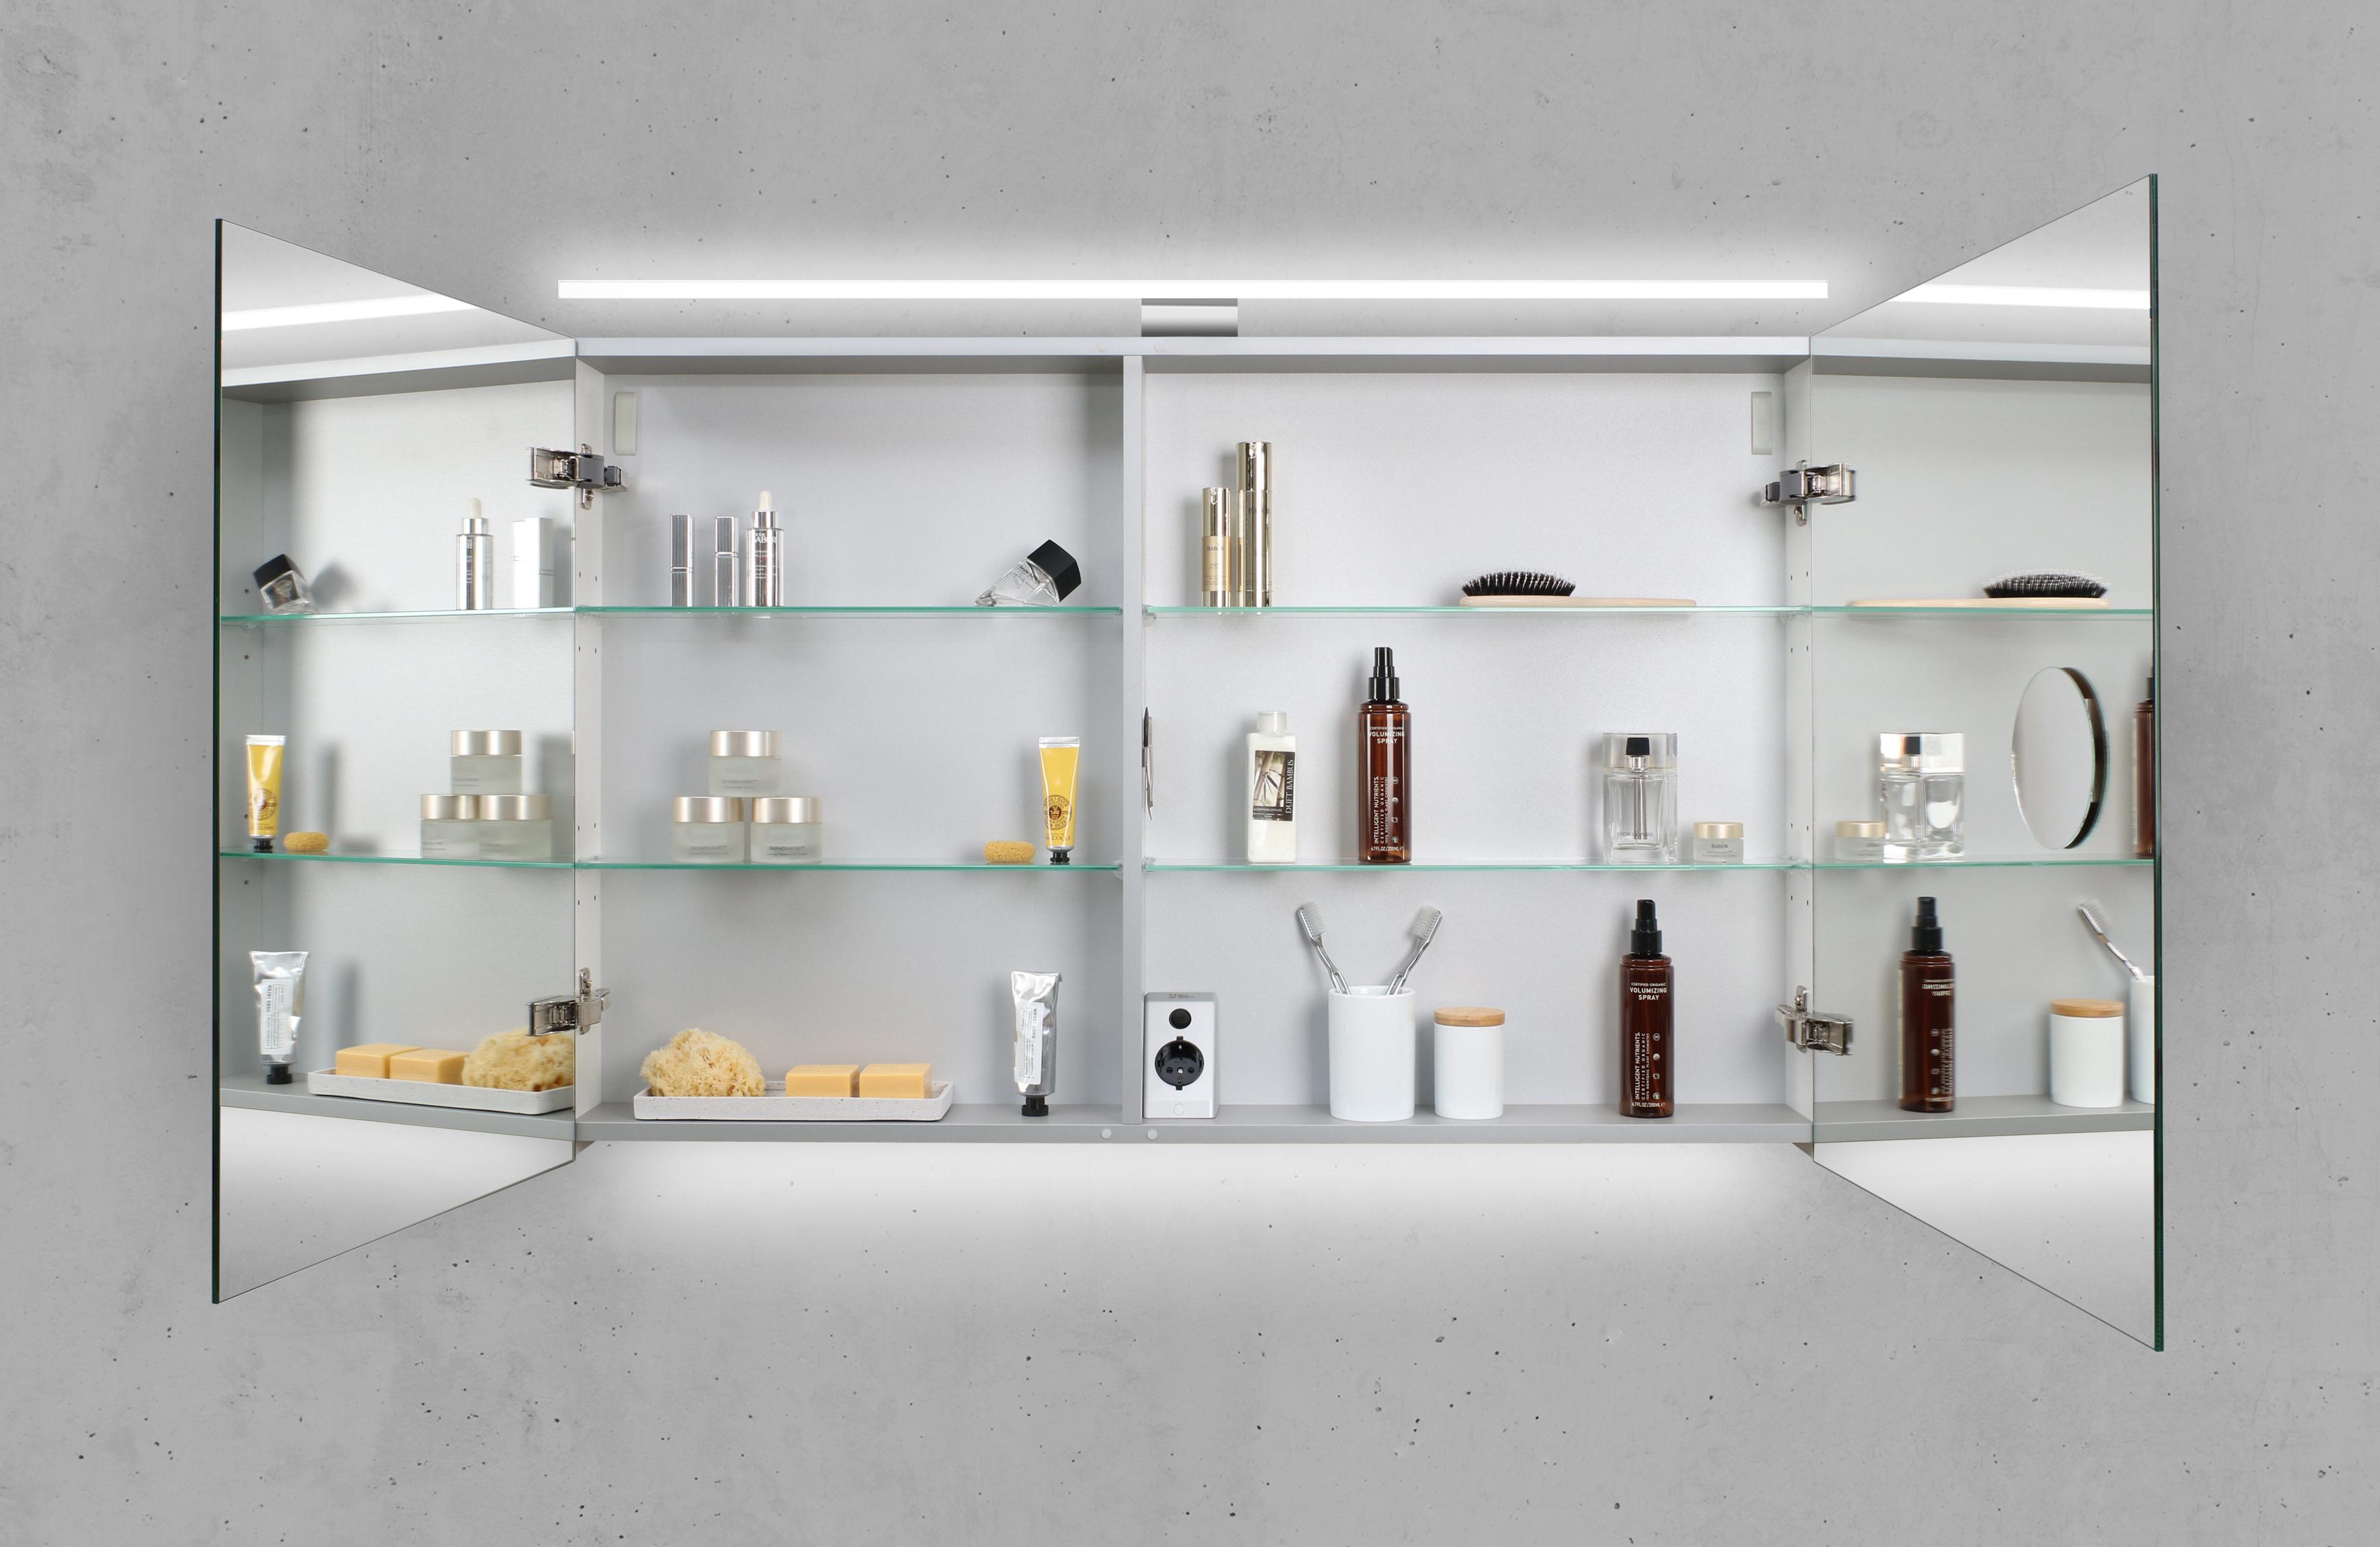 Spiegelschrank 110 cm led beleuchtung doppelseitig verspiegelt - Spiegelschrank 110 cm ...